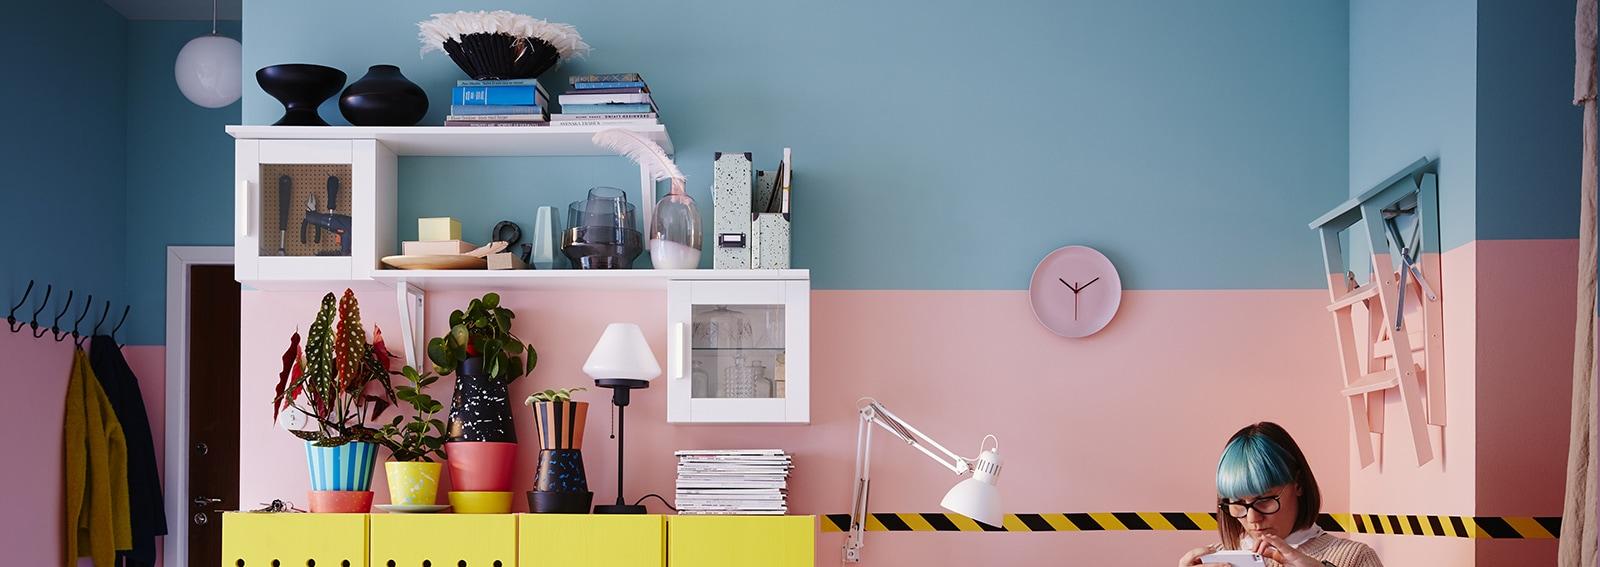 Mensole ikea come utilizzarle in modo creativo nell arredamento della casa - Casa delle bambole ikea ...